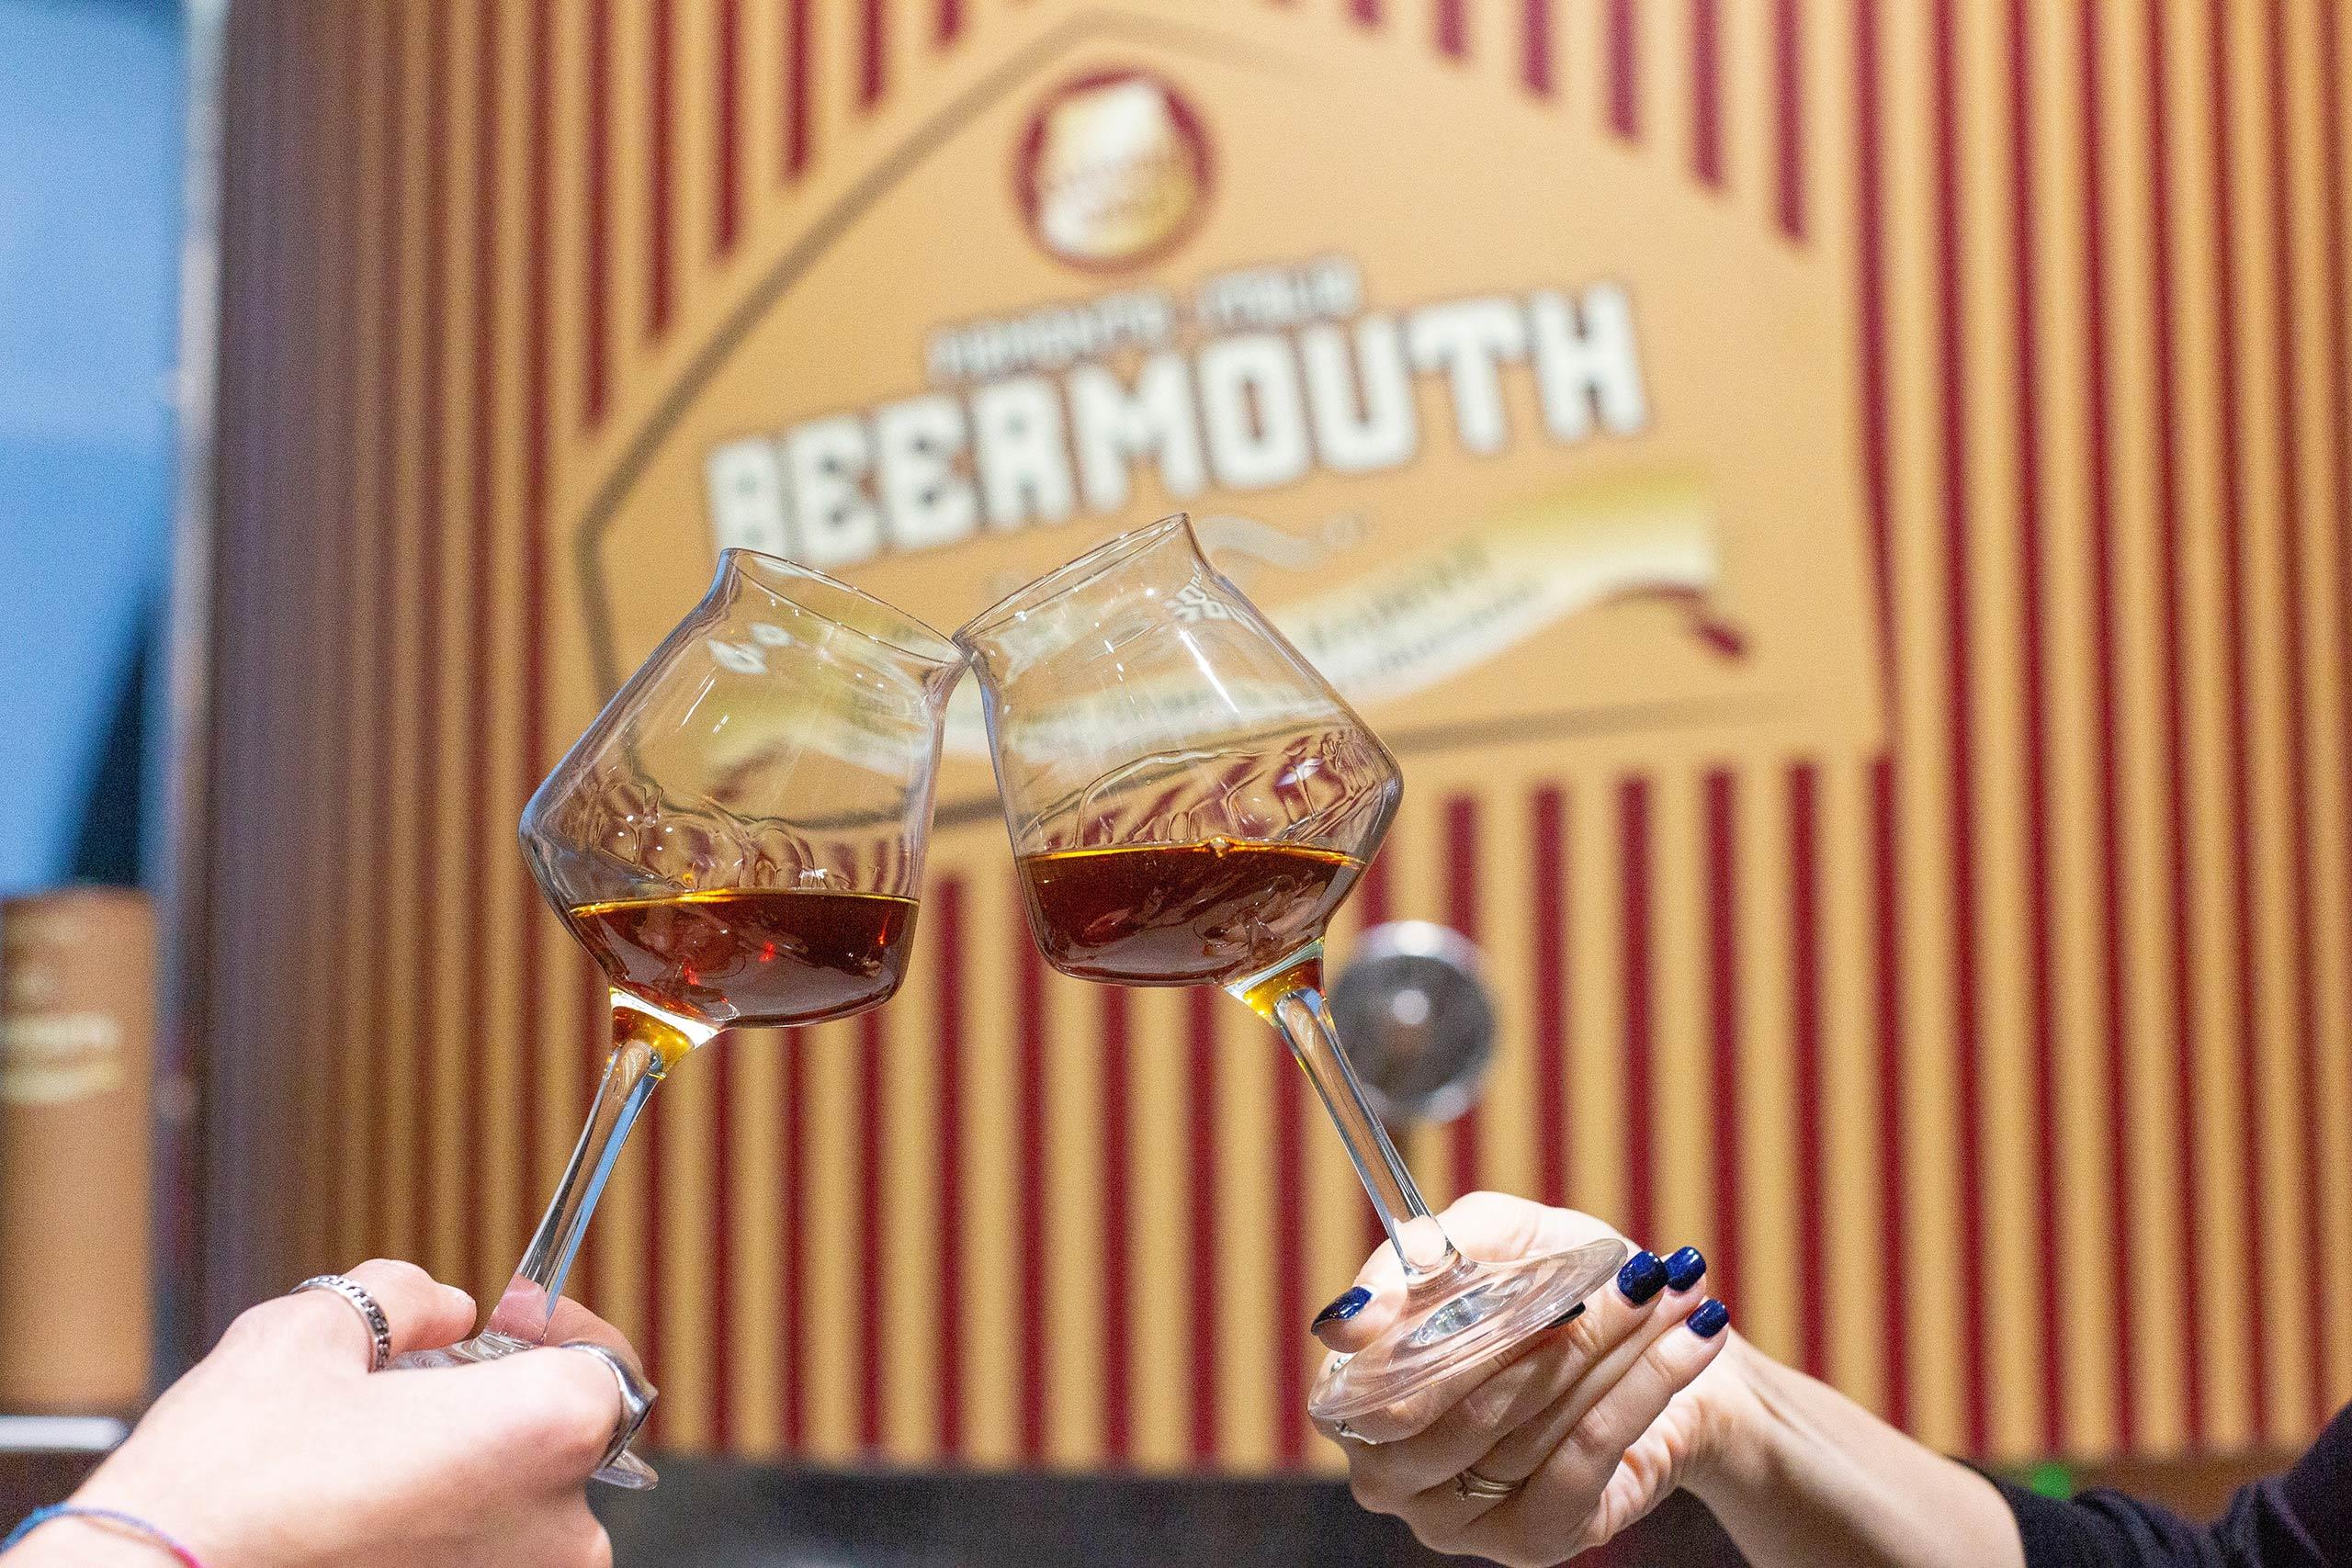 Beermouth: l'innovazione ispirata alla tradizione